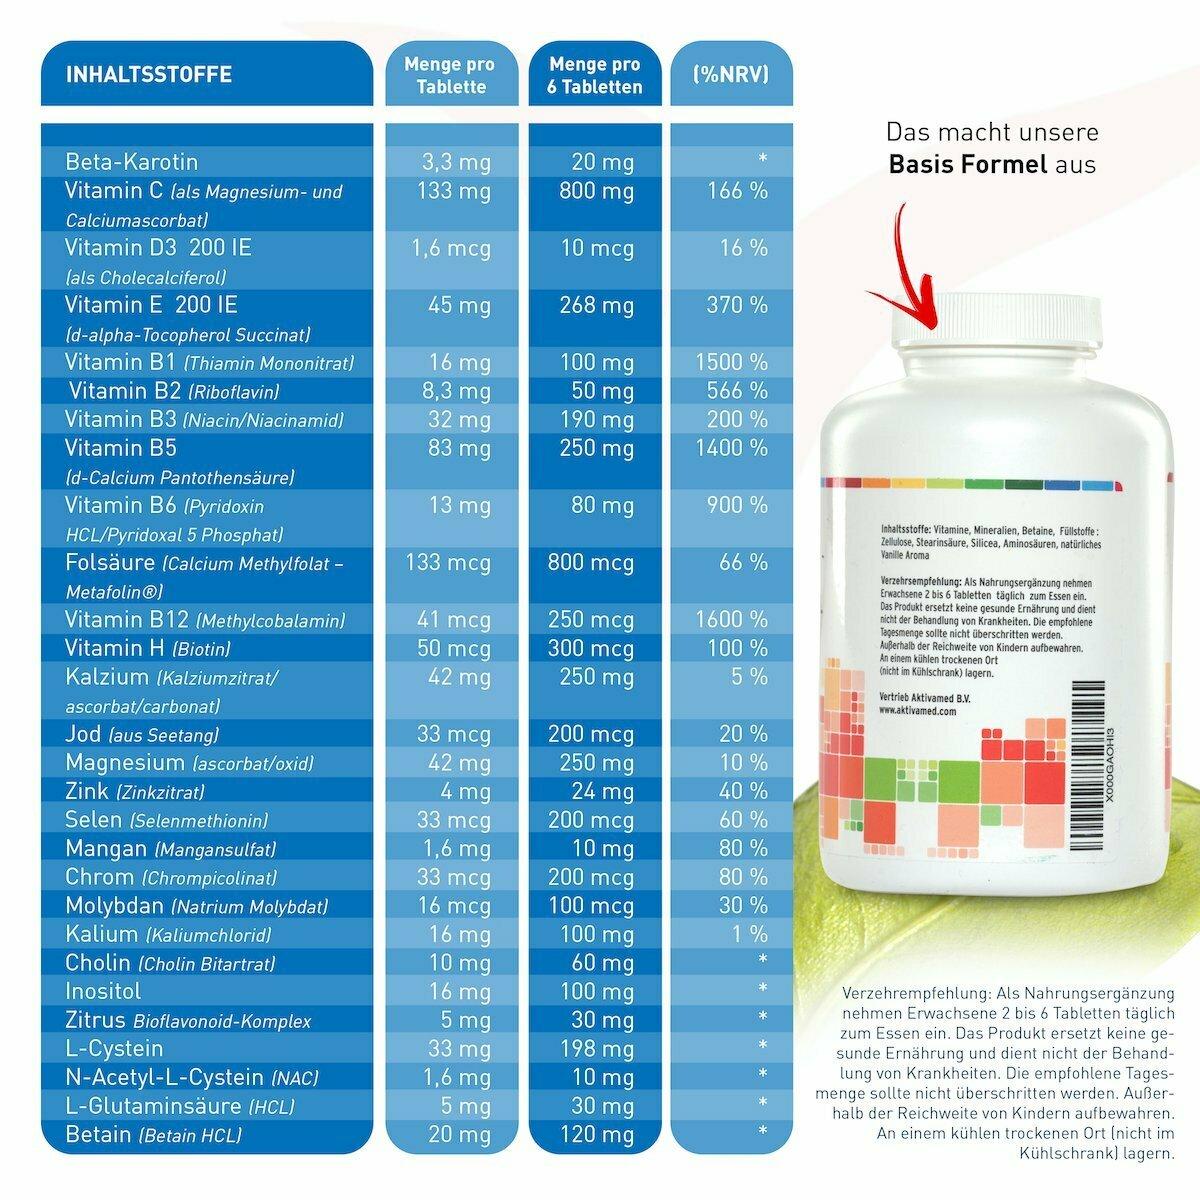 Aktivamed - Die Basis Formel - Nahrungserganzung Inhalt 1200